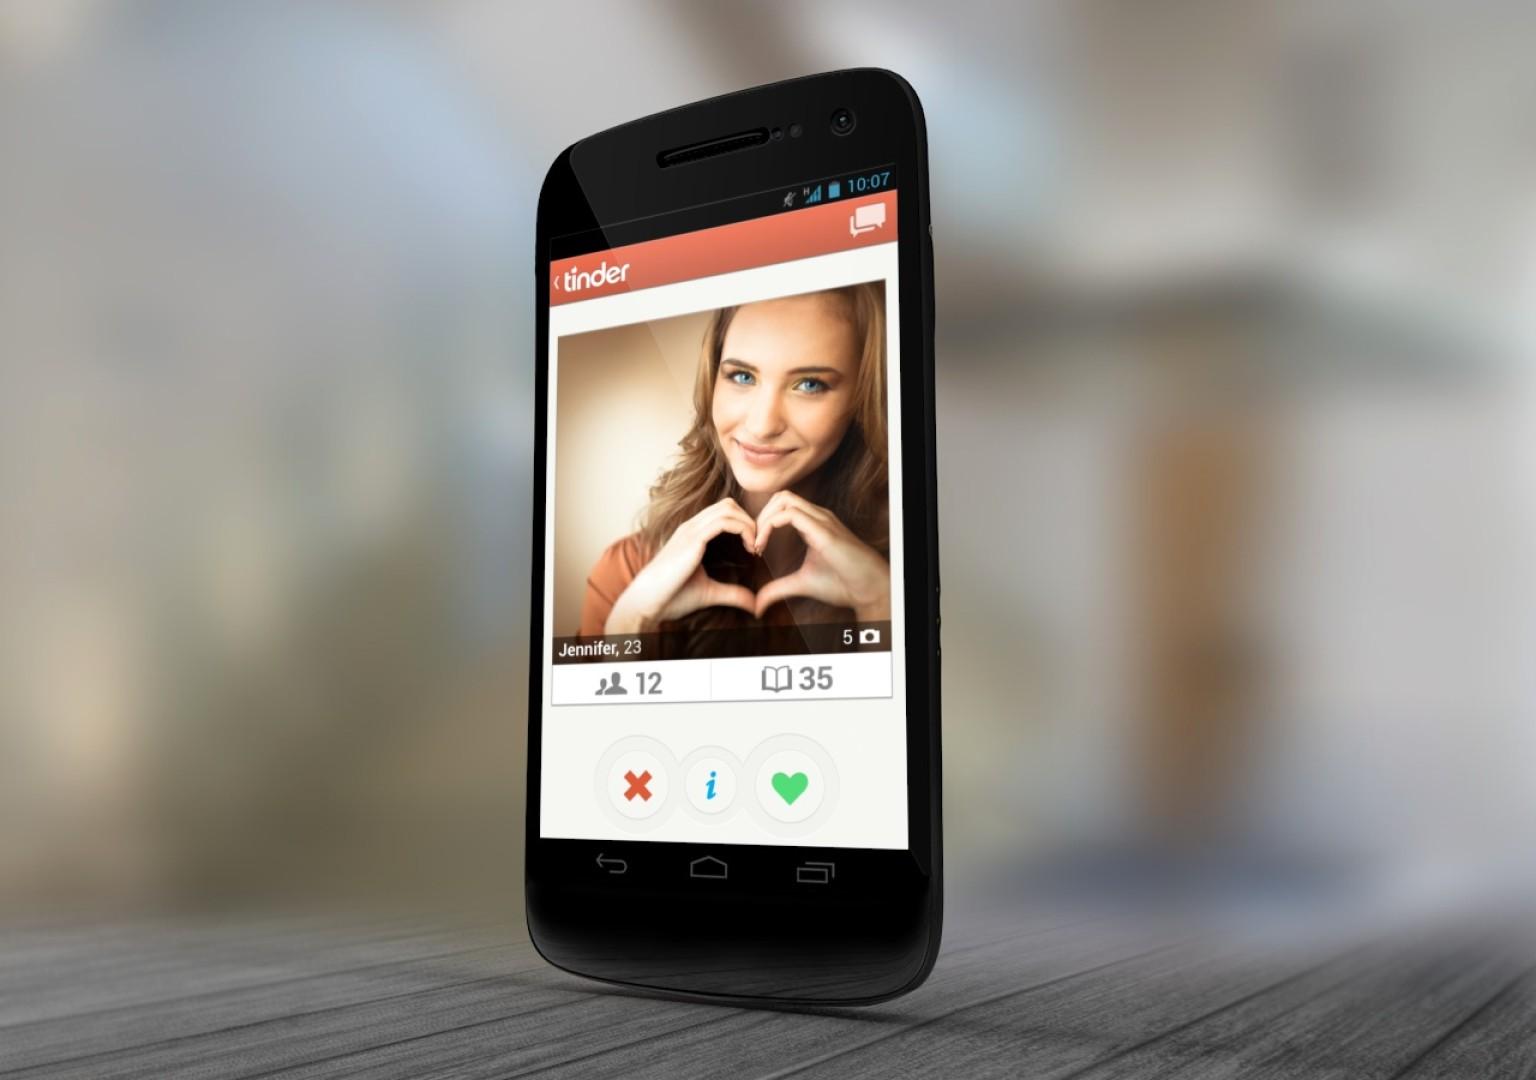 Обзор приложения Tinder — как работают самые быстрые знакомства в мире?